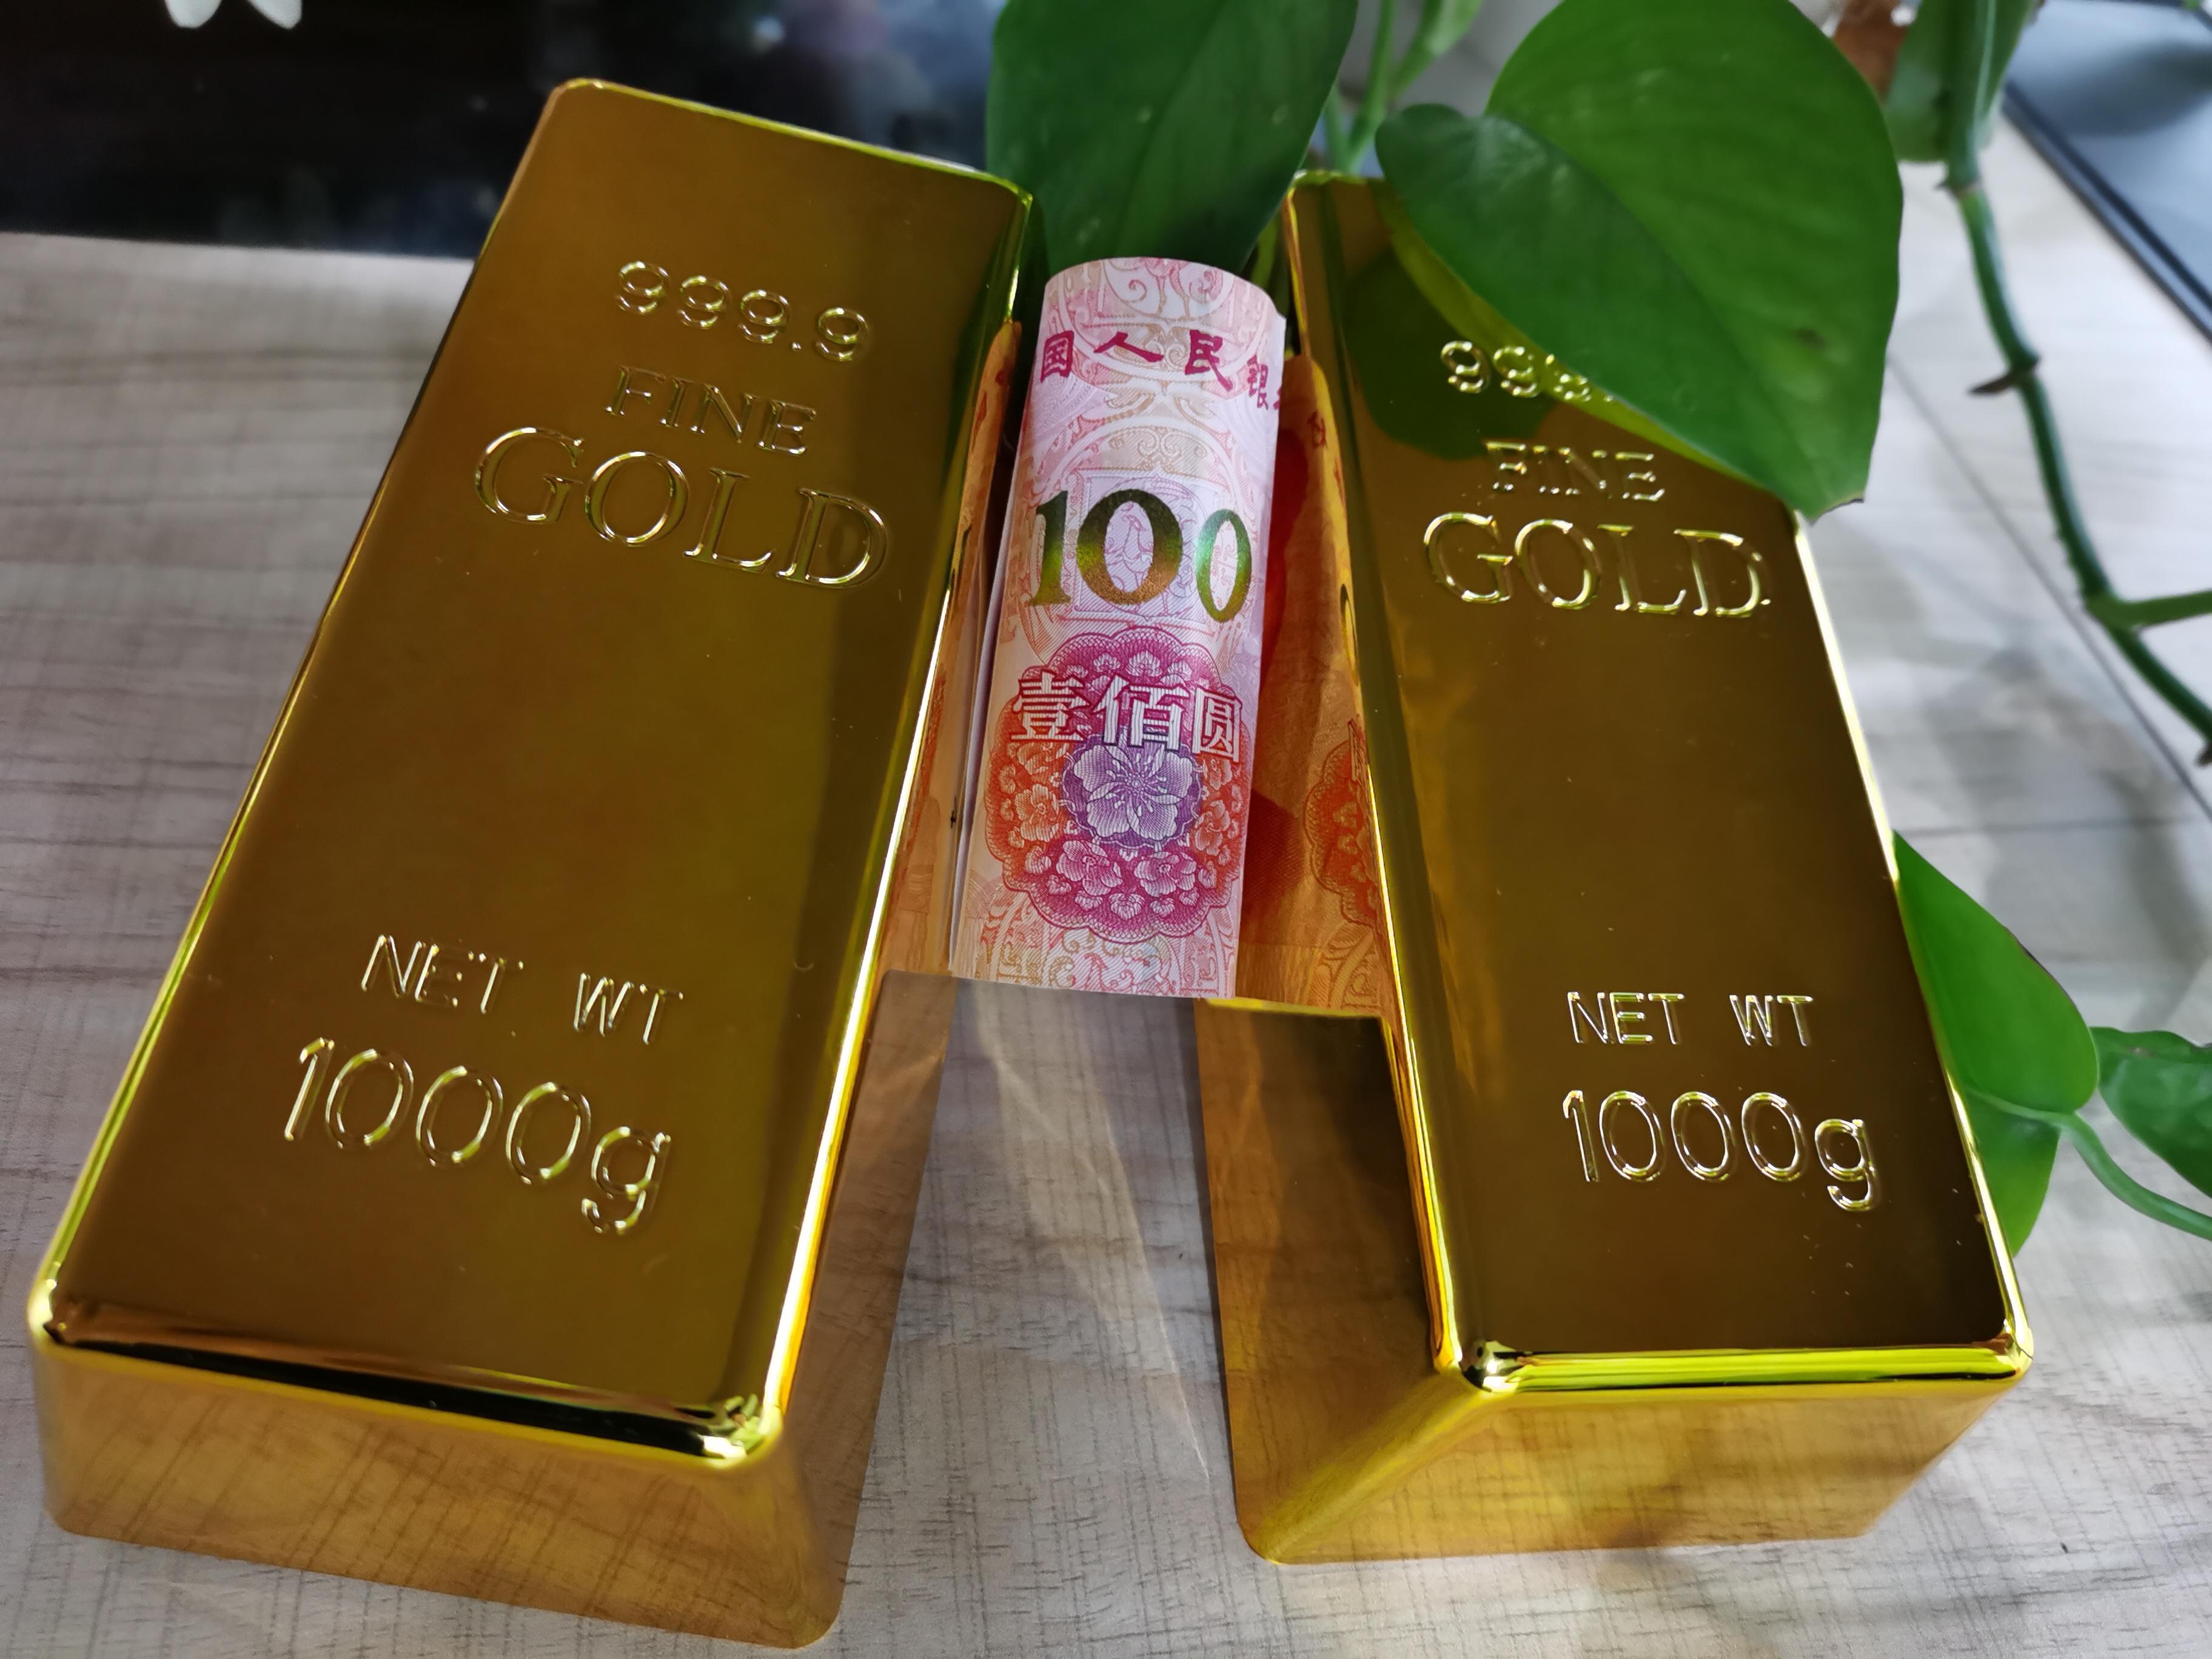 美元下跌金银反弹 目前已恢复上升趋势